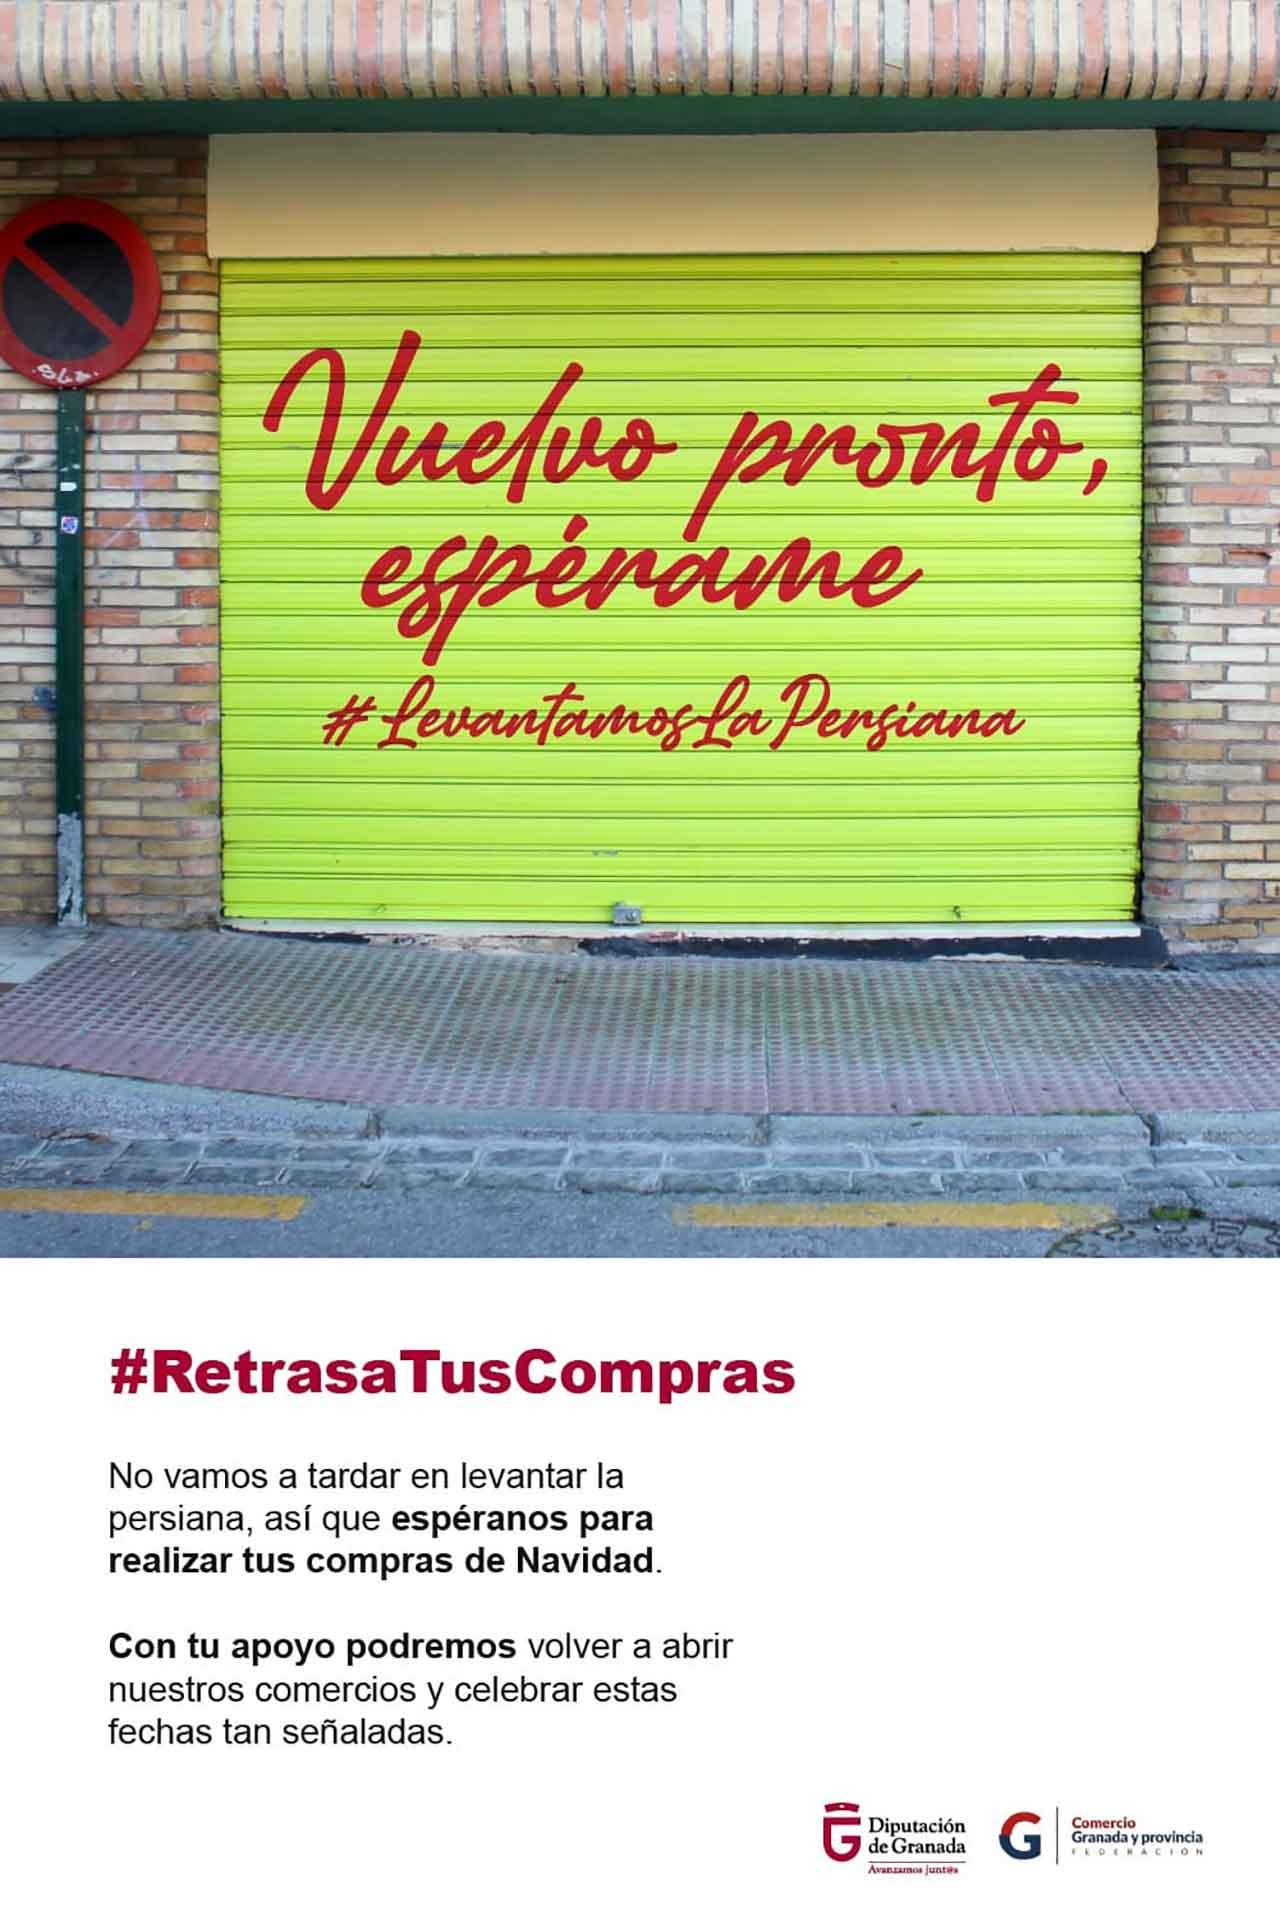 Campaña de Diputación para apoyar el comercio local